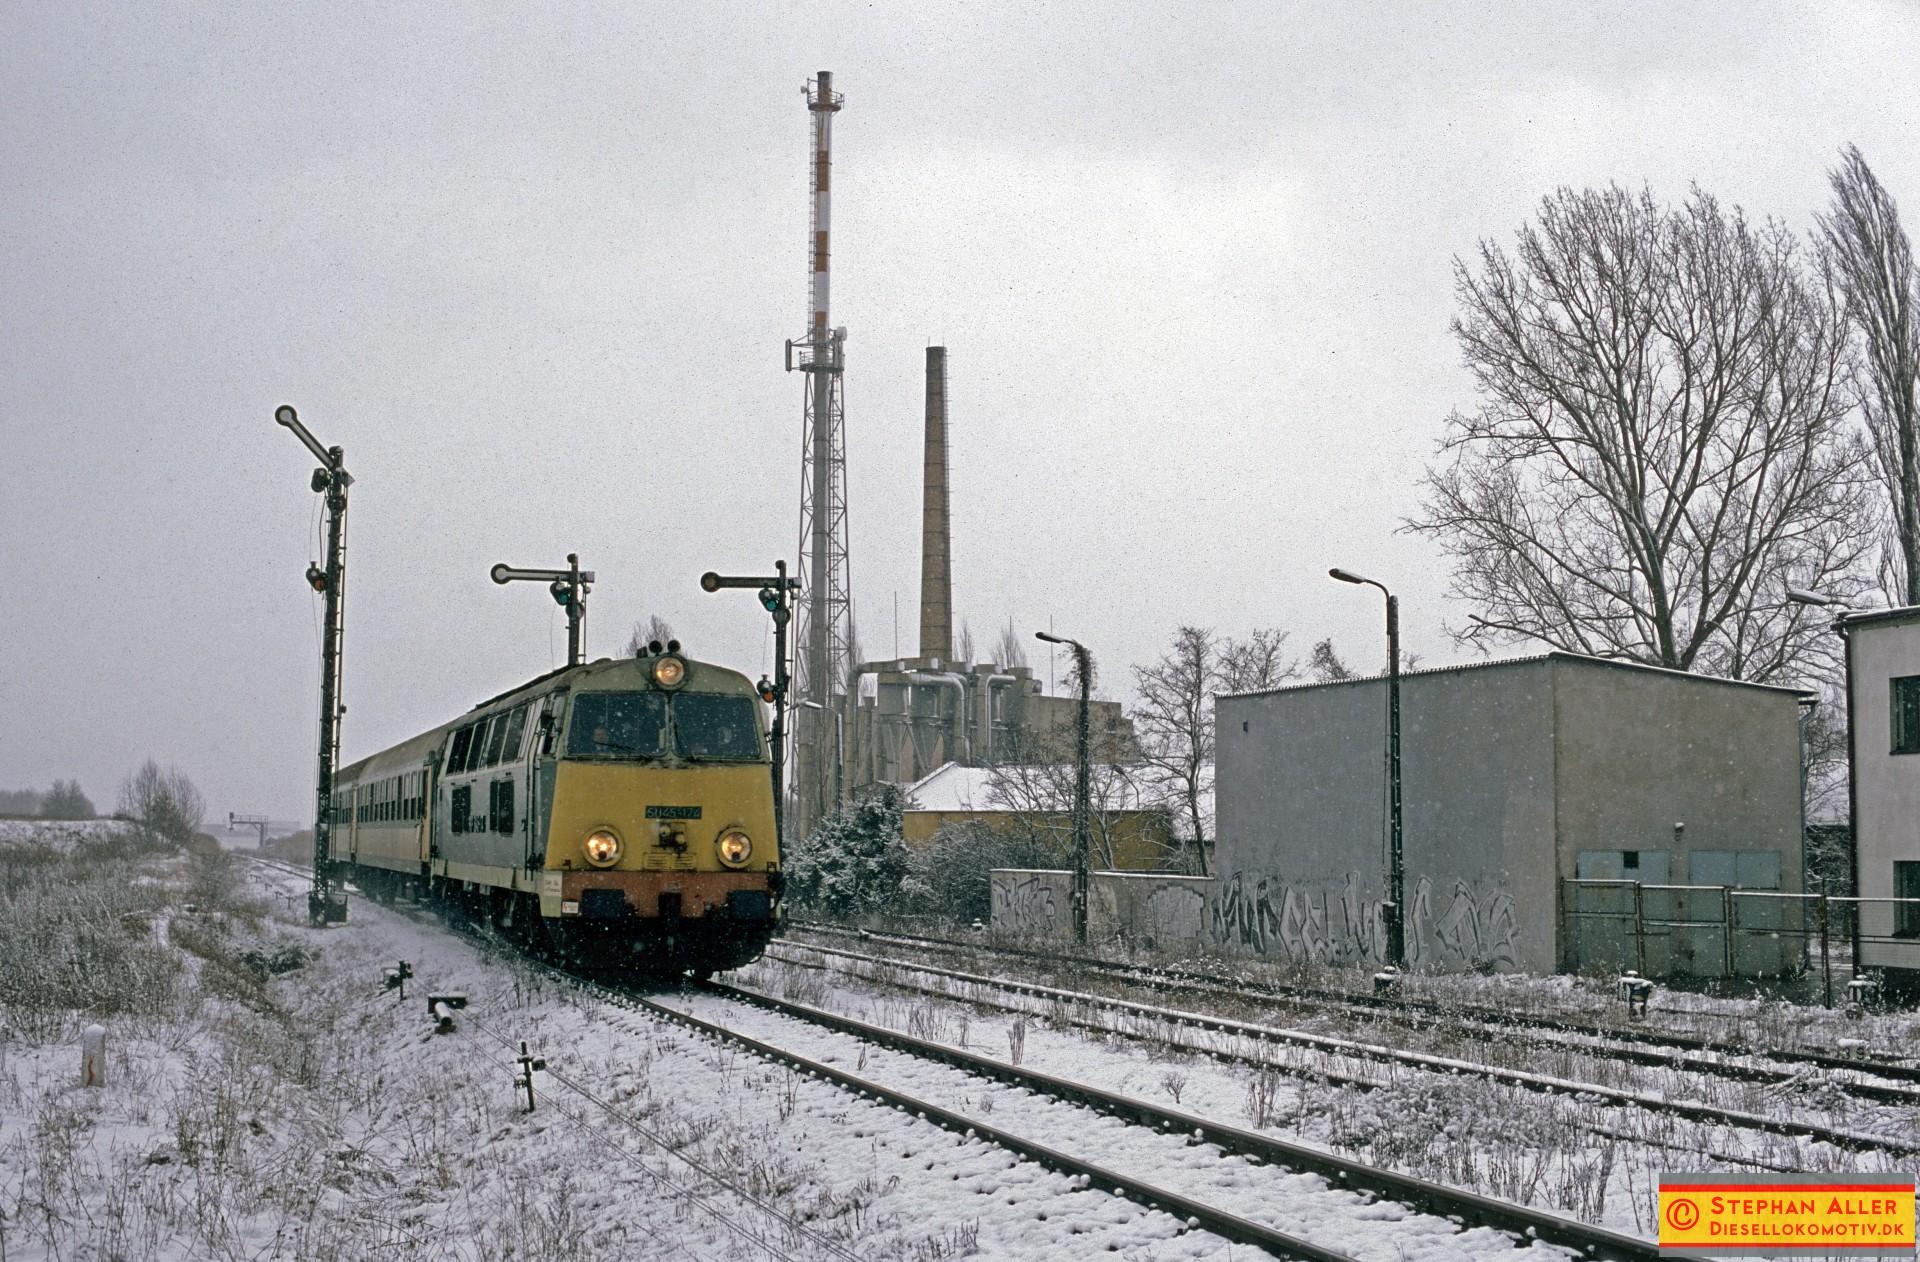 FP6432r